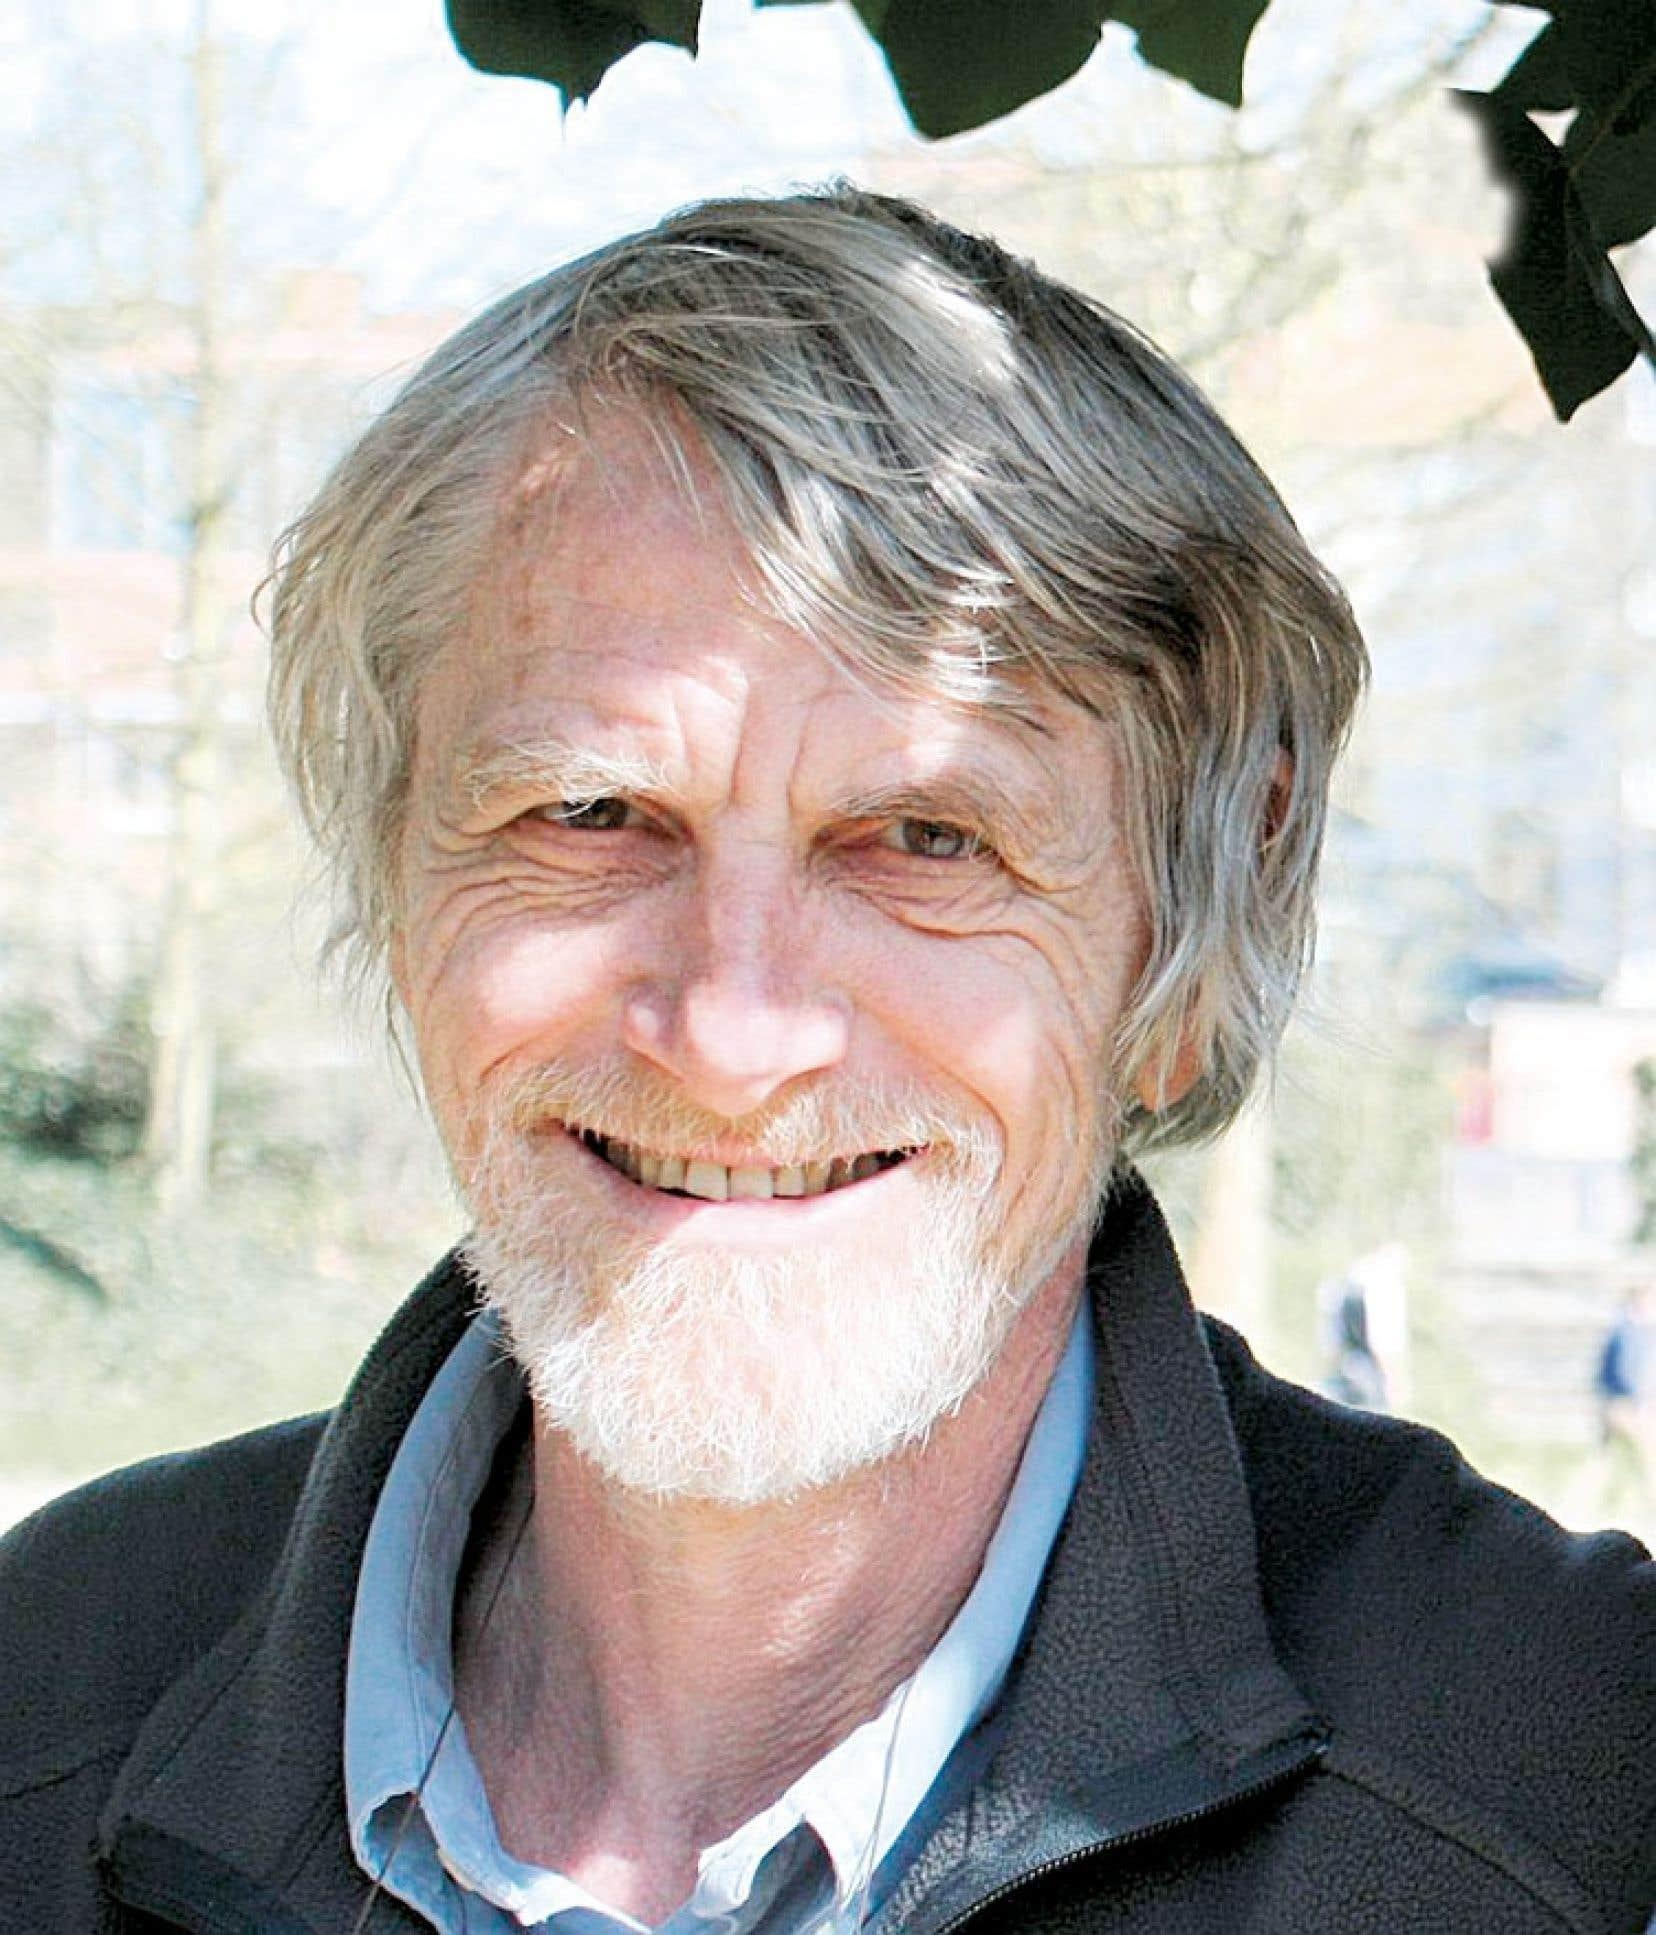 Pour le philosophe Philippe Van Parijs, professeur à l'Université catholique de Louvain, en Belgique, l'allocation universelle permet de revenir à l'essentiel de la pensée de John Rawls. Elle est peut-être la meilleure façon de réaliser la justice comme liberté réelle pour tous, c'est-à-dire des possibilités concrètes de se réaliser et de se respecter. Les mesures actuelles de lutte contre la pauvreté ont souvent des effets inverses.